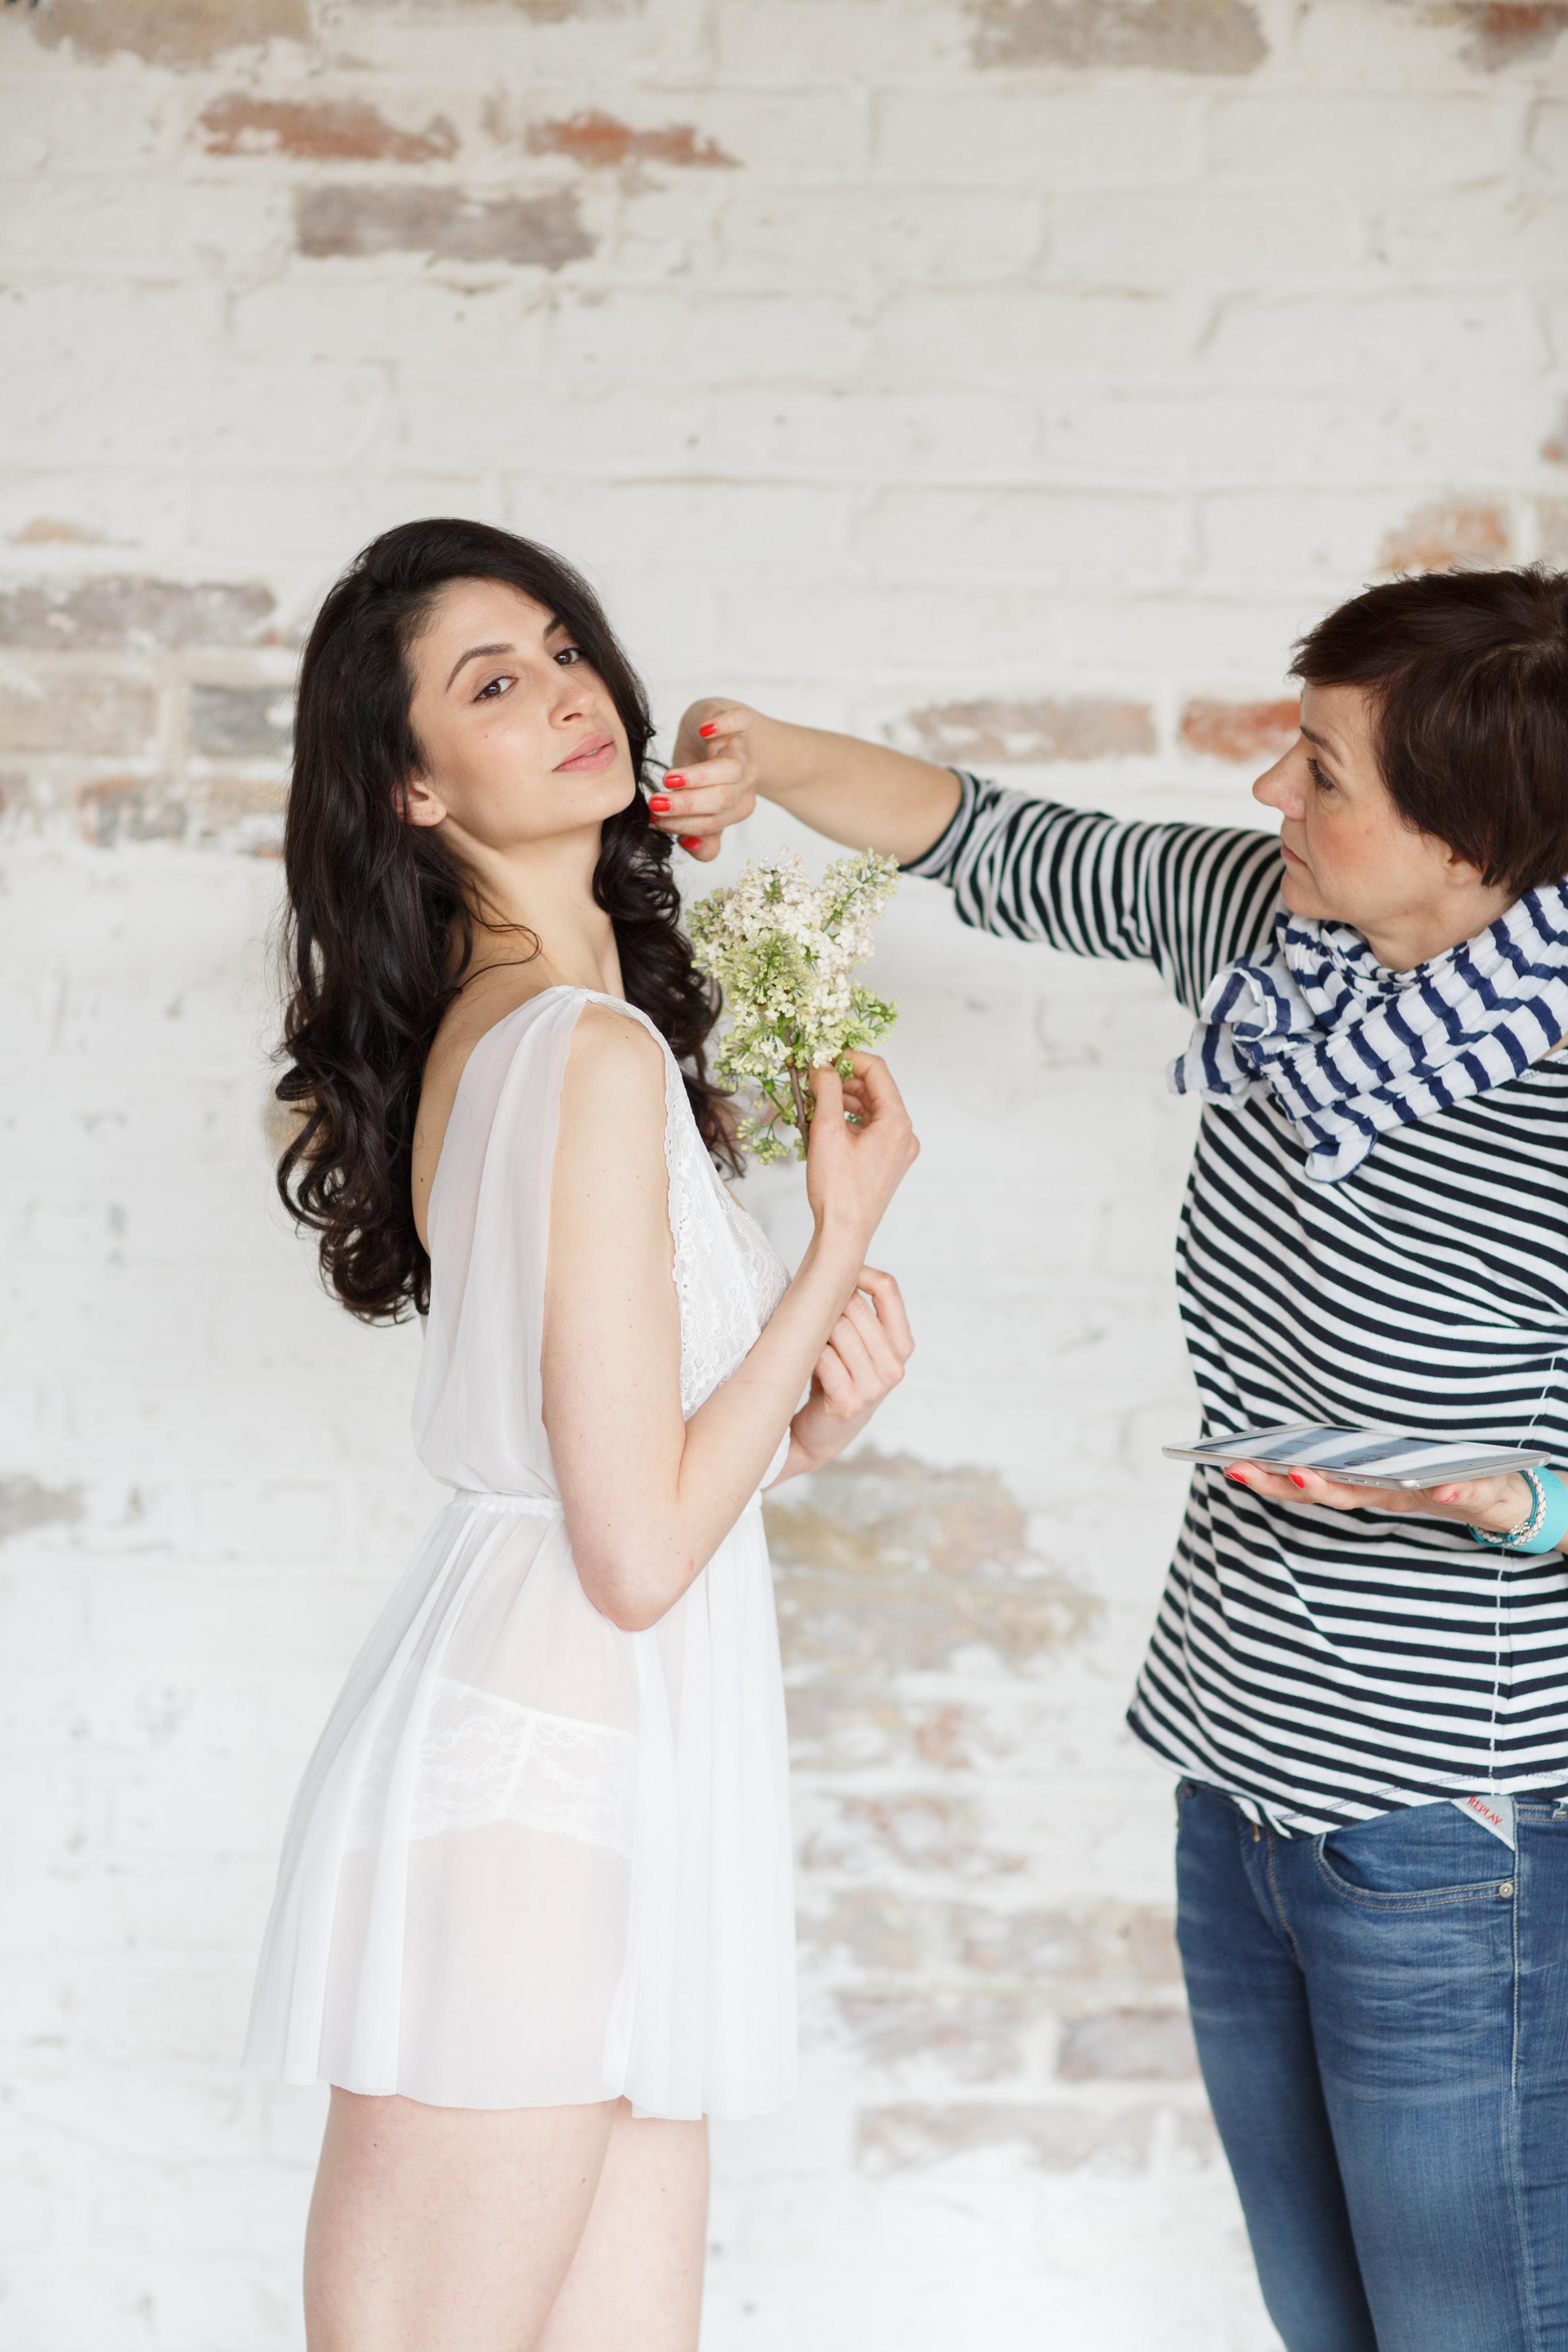 Die Schminktante als Spezialisitin für Brautfrisuren und -Make up in Karlsruhe und Umgebung.